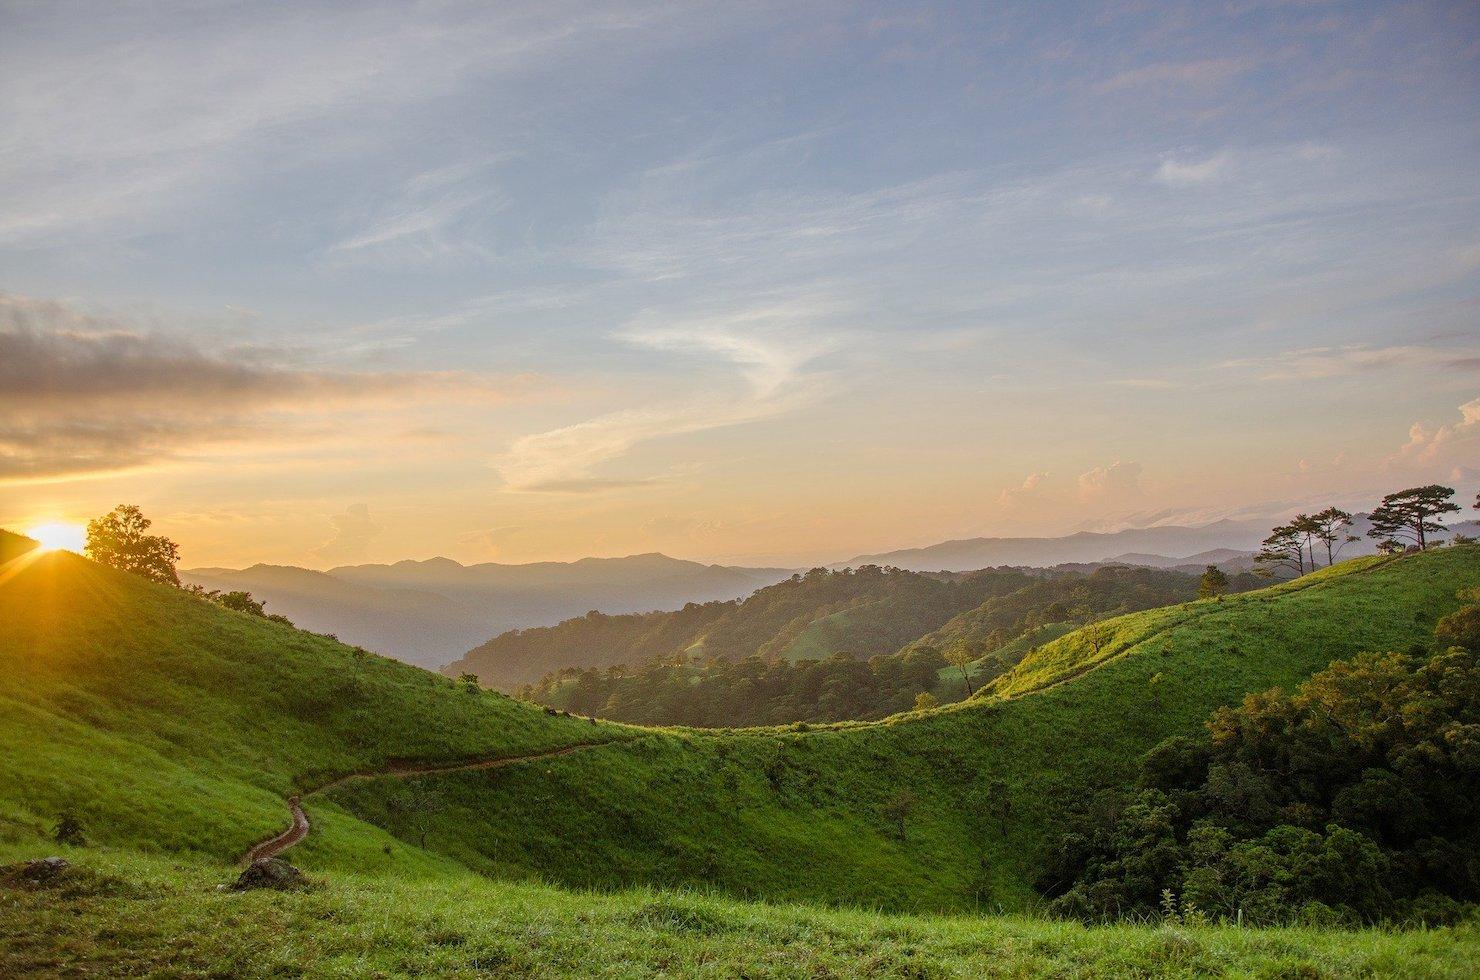 朝日に輝く山の写真